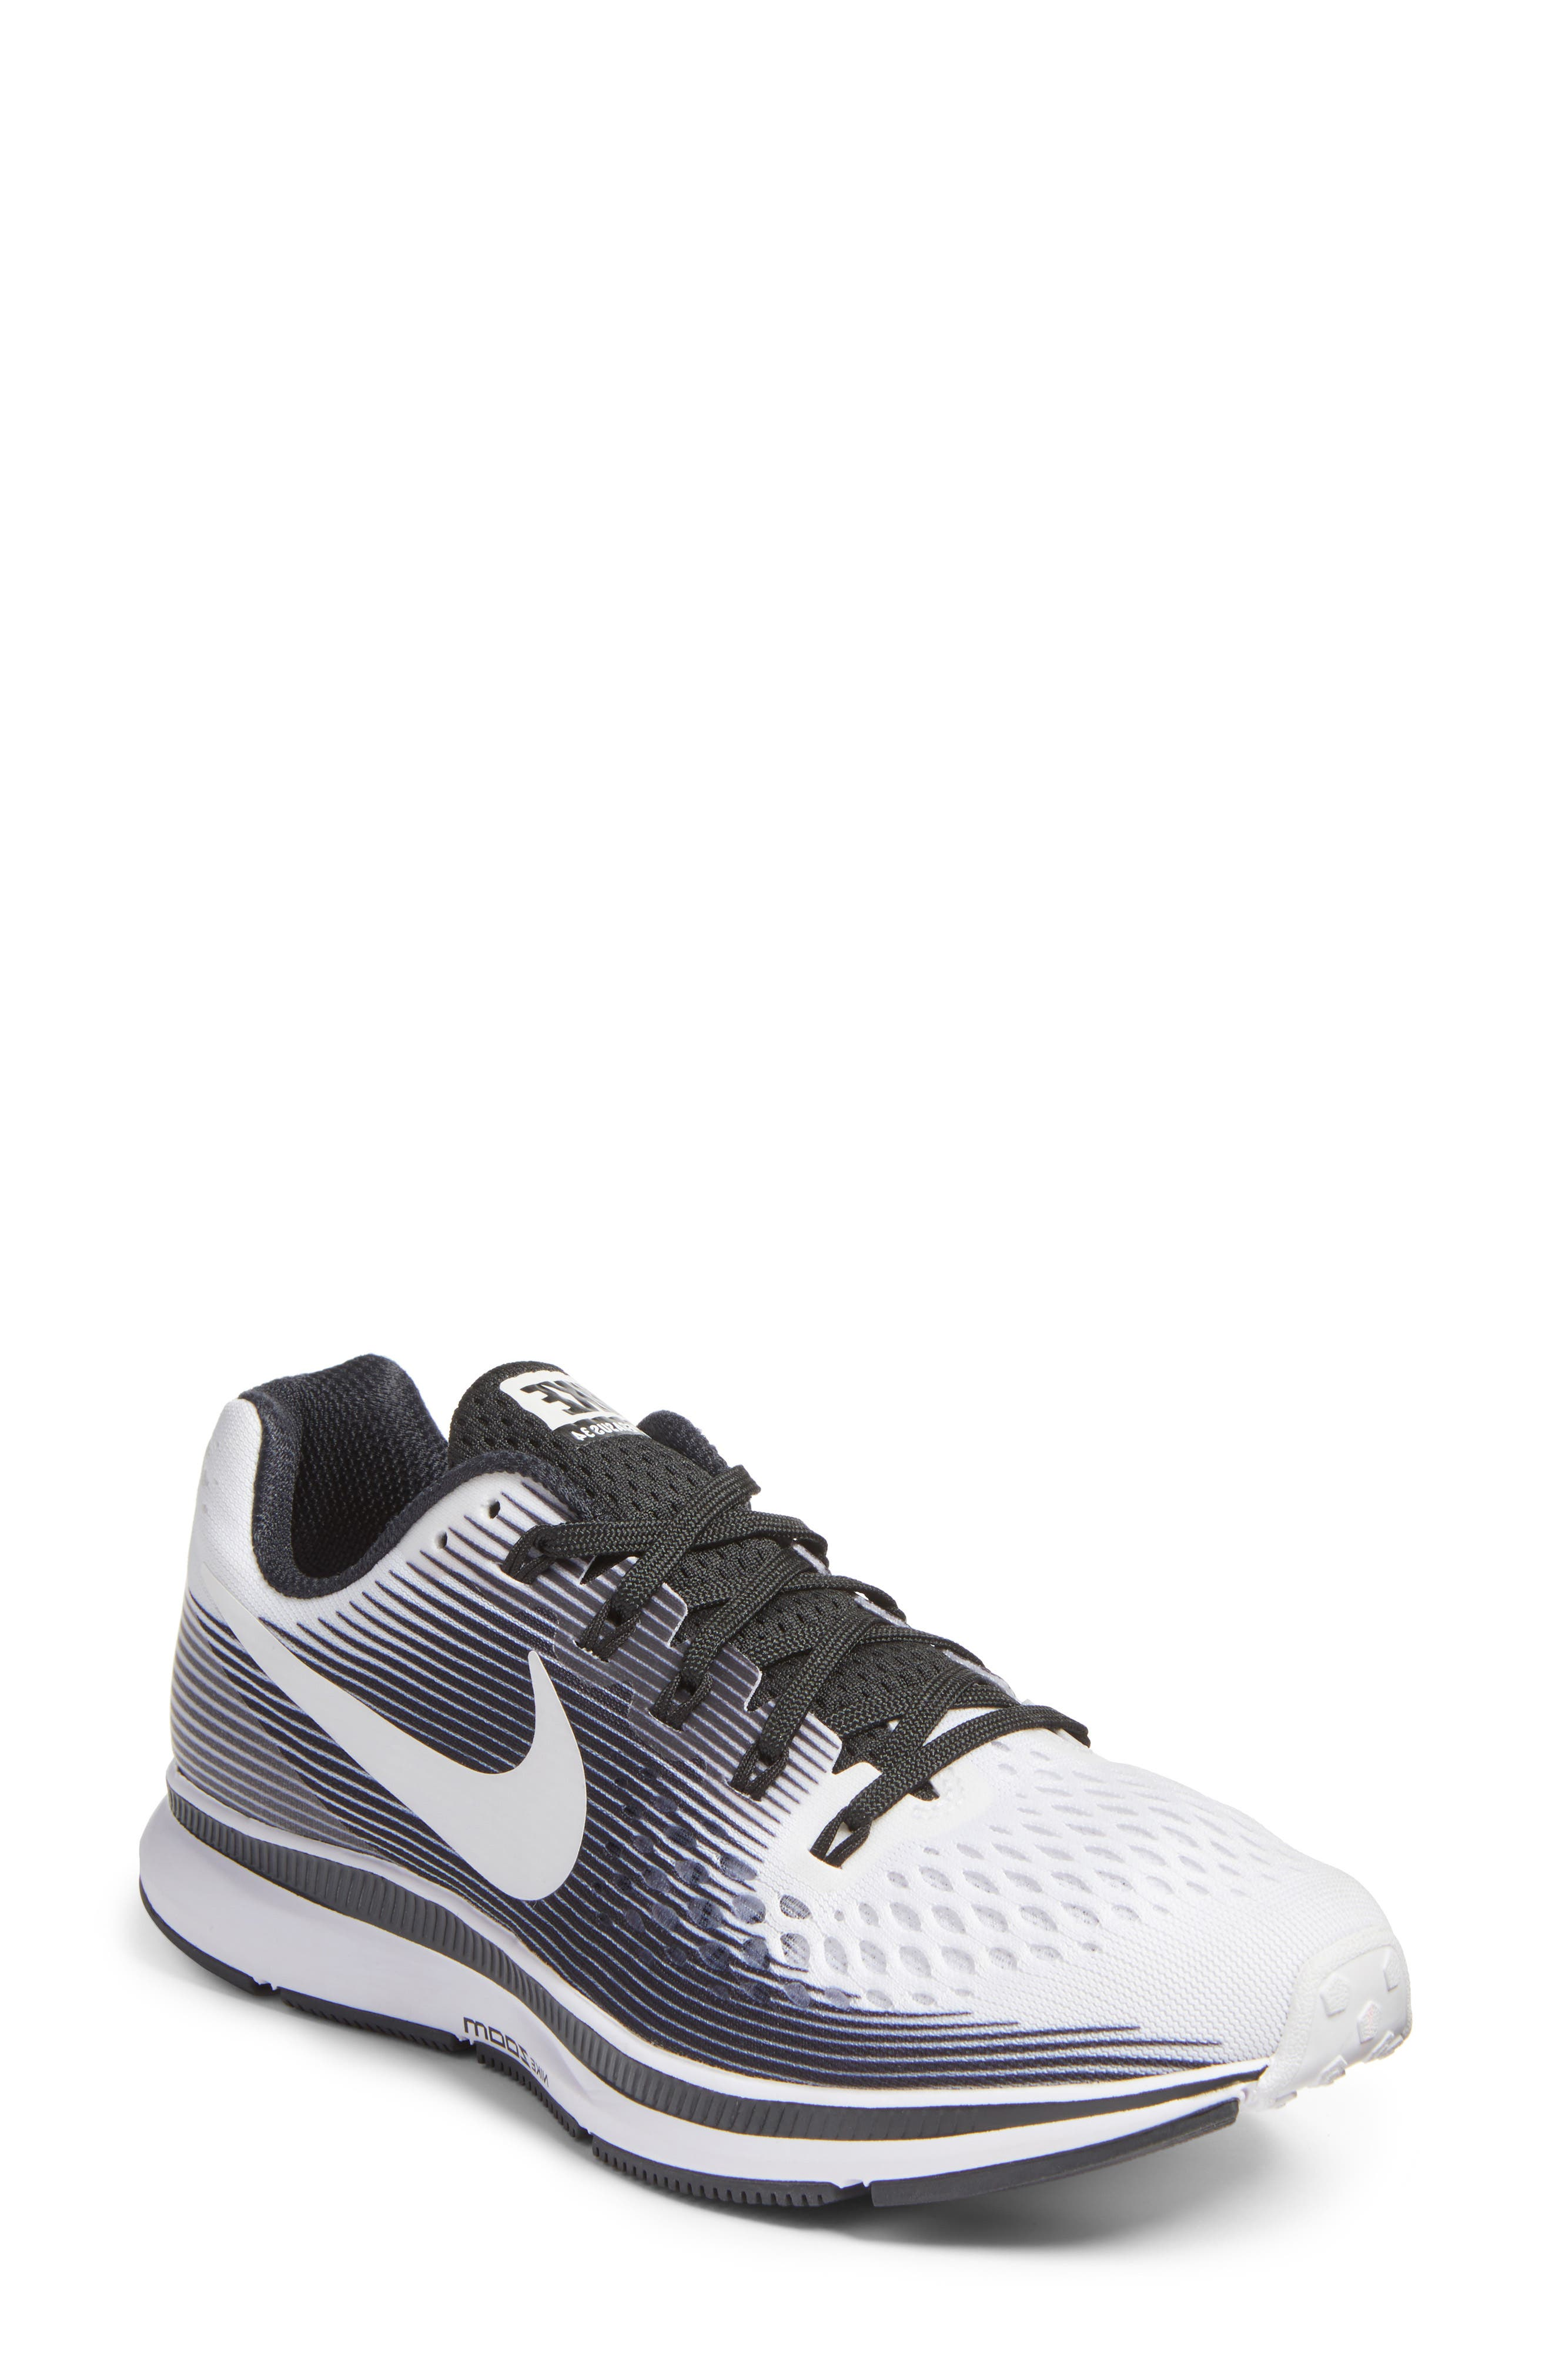 Air Zoom Pegasus 34 LE Running Shoe,                         Main,                         color,